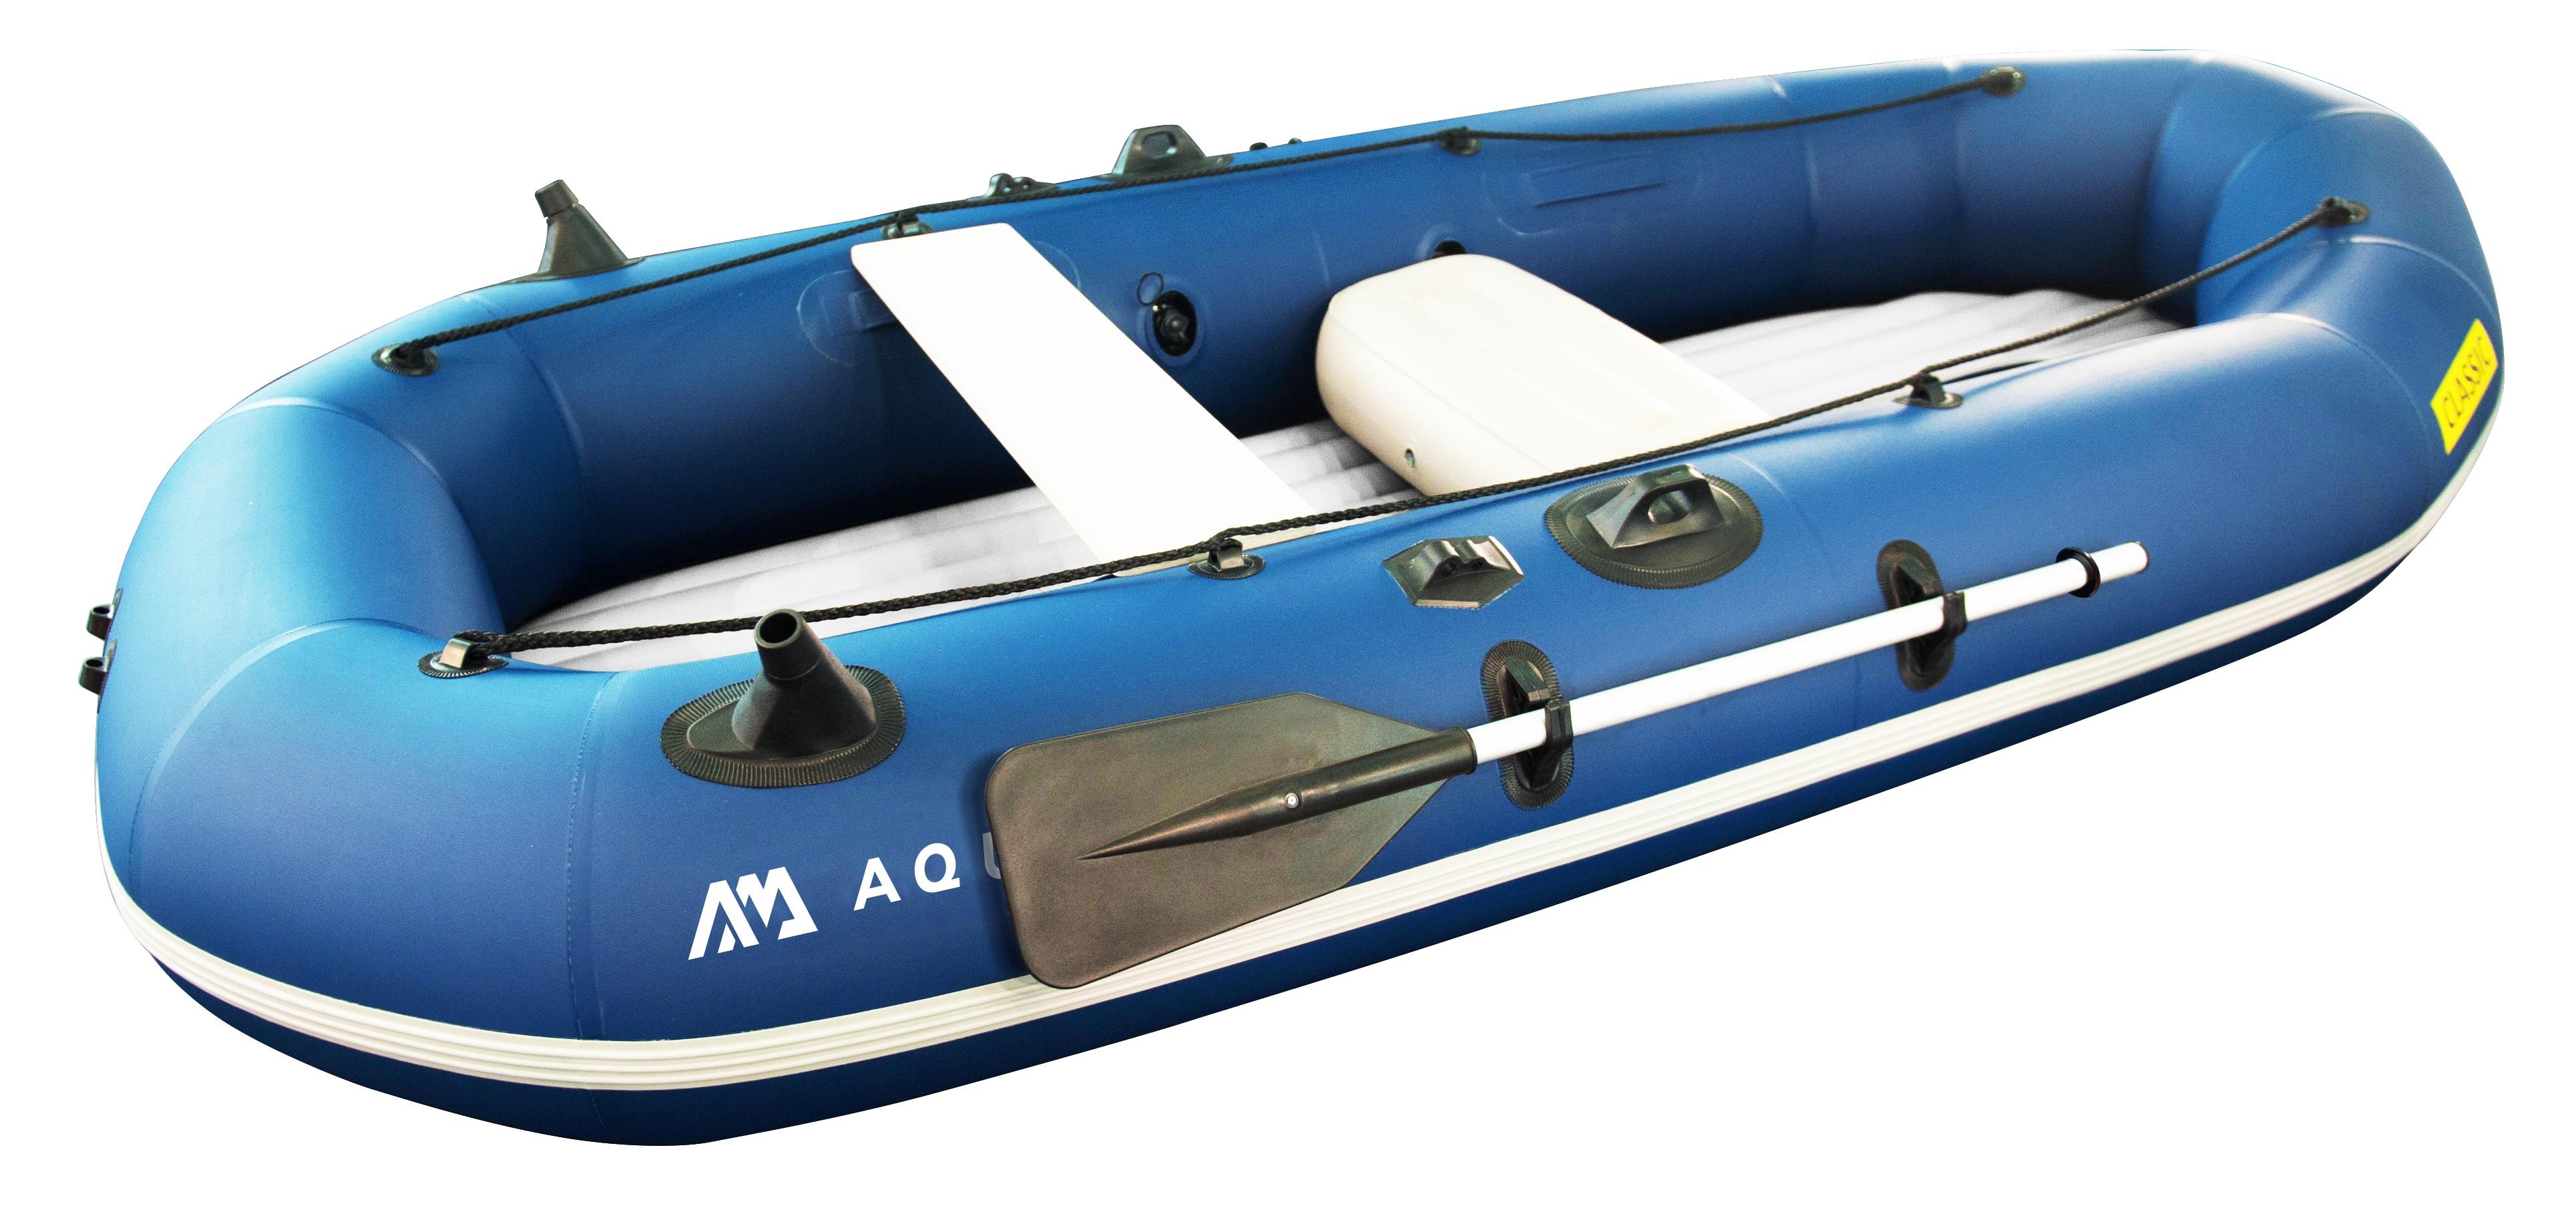 AQUA MARINA-Product-BT-88891-(2).JPG